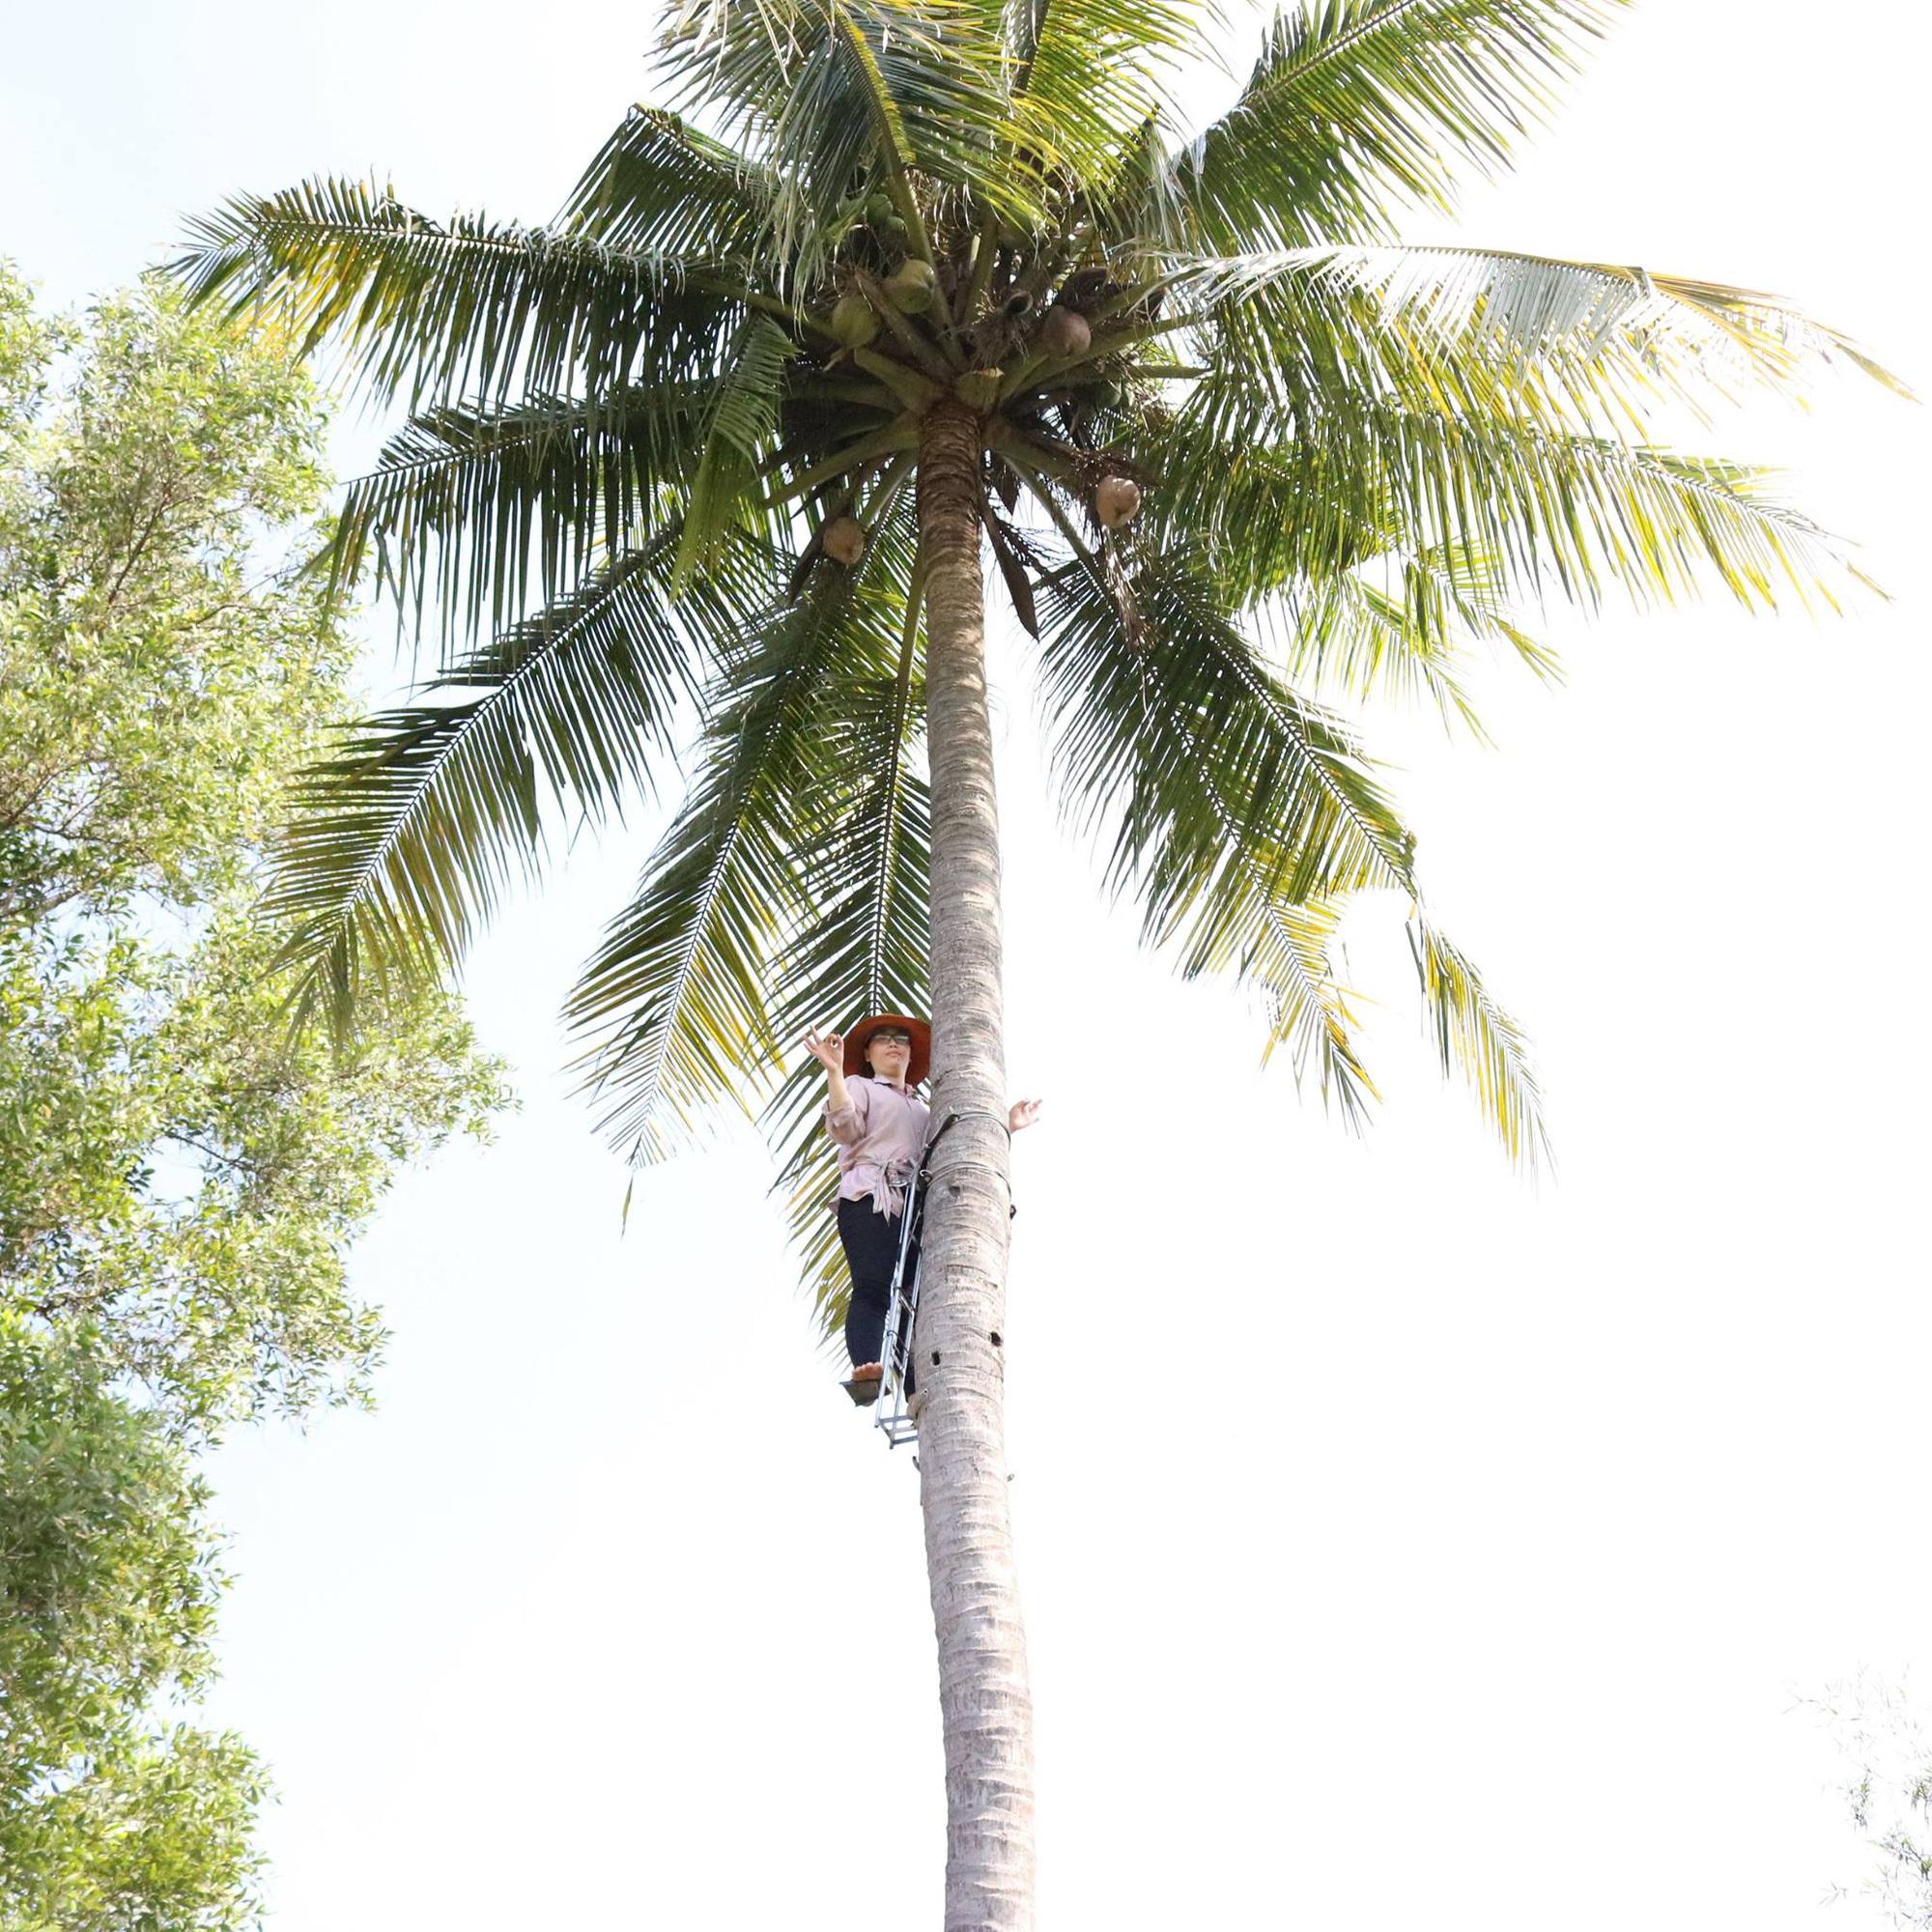 Một ông nông dân tỉnh Đồng Nai sáng chế thiết bị leo hái dừa trông rất ngầu, đàn bà con gái cũng leo nhoay nhoáy